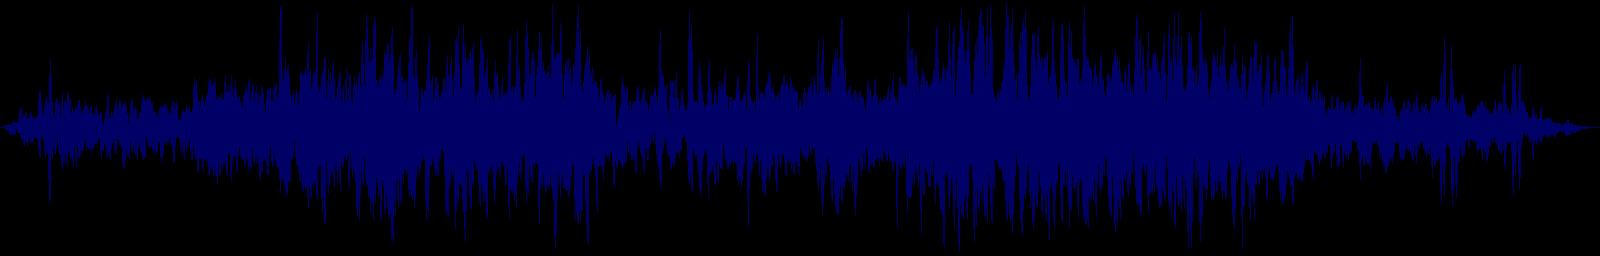 waveform of track #146420